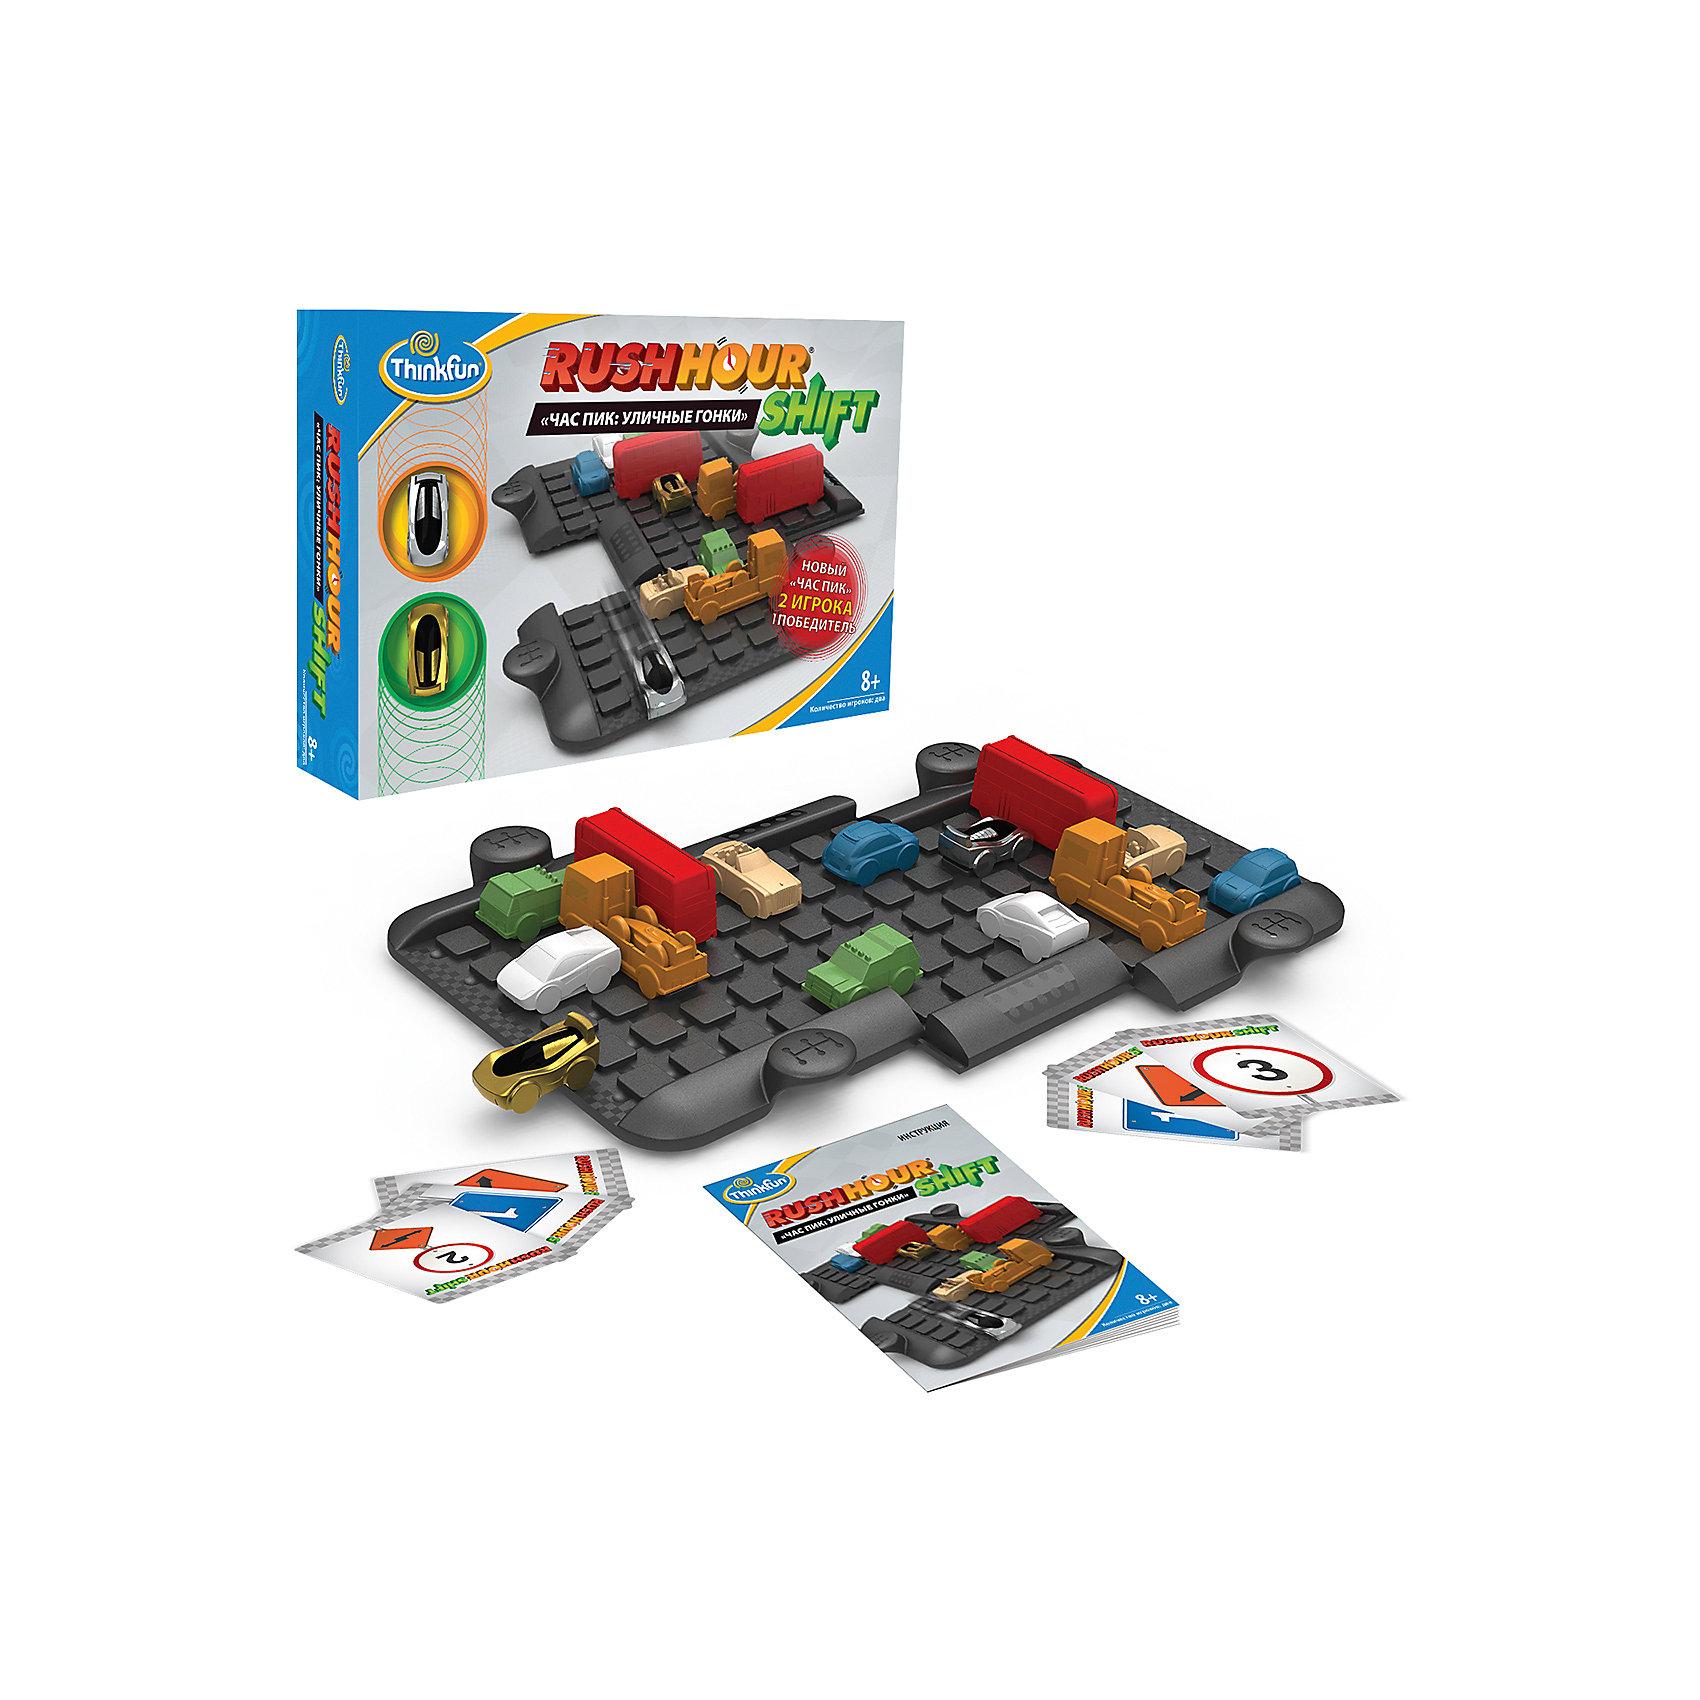 Игра Час пик: Уличные гонки, ThinkfunИгры для развлечений<br>Игра Час пик: Уличные гонки, Thinkfun.<br><br>Характеристики:<br><br>- В комплекте: игровое поле из 3 частей, 2 гоночные машинки для игроков, 12 машинок для создания дорожной ситуации, 32 карточки, мешок для хранения, инструкция<br>- Количество игроков: 2<br>- Время игры: 10-20 мин.<br>- Материал: пластик, картон, текстиль<br>- Размер упаковки: 30 x 22 x 6 см<br>- Упаковка: картонная коробка<br>- Вес: 650 гр.<br><br>Игра представляет собой своеобразную логическую гонку - перед игроками расположено поле, имеющее три подвижные секции и машинки, создающие препятствия. Игра построена по принципу игры «Пятнашки», только фишки в ней имеют разные размеры и выполнены в форме машинок, и перемещаются они только в двух направлениях — взад и вперед. Игроку необходимо провести свой автомобиль через игровое поле, передвигая мешающие прямому проезду машины. Задача усложняется тем, что конфигурация игрового поля и положение на нем может изменяться по велению карт-указателей, а игроки могут мешать своими действиями друг другу. Необходимы удача, смекалка и сообразительность, чтобы опередить соперника и прийти первым, став победителем уличной гонки.<br><br>Игру Час пик: Уличные гонки, Thinkfun можно купить в нашем интернет-магазине.<br><br>Ширина мм: 220<br>Глубина мм: 300<br>Высота мм: 60<br>Вес г: 650<br>Возраст от месяцев: 36<br>Возраст до месяцев: 2147483647<br>Пол: Унисекс<br>Возраст: Детский<br>SKU: 5055426